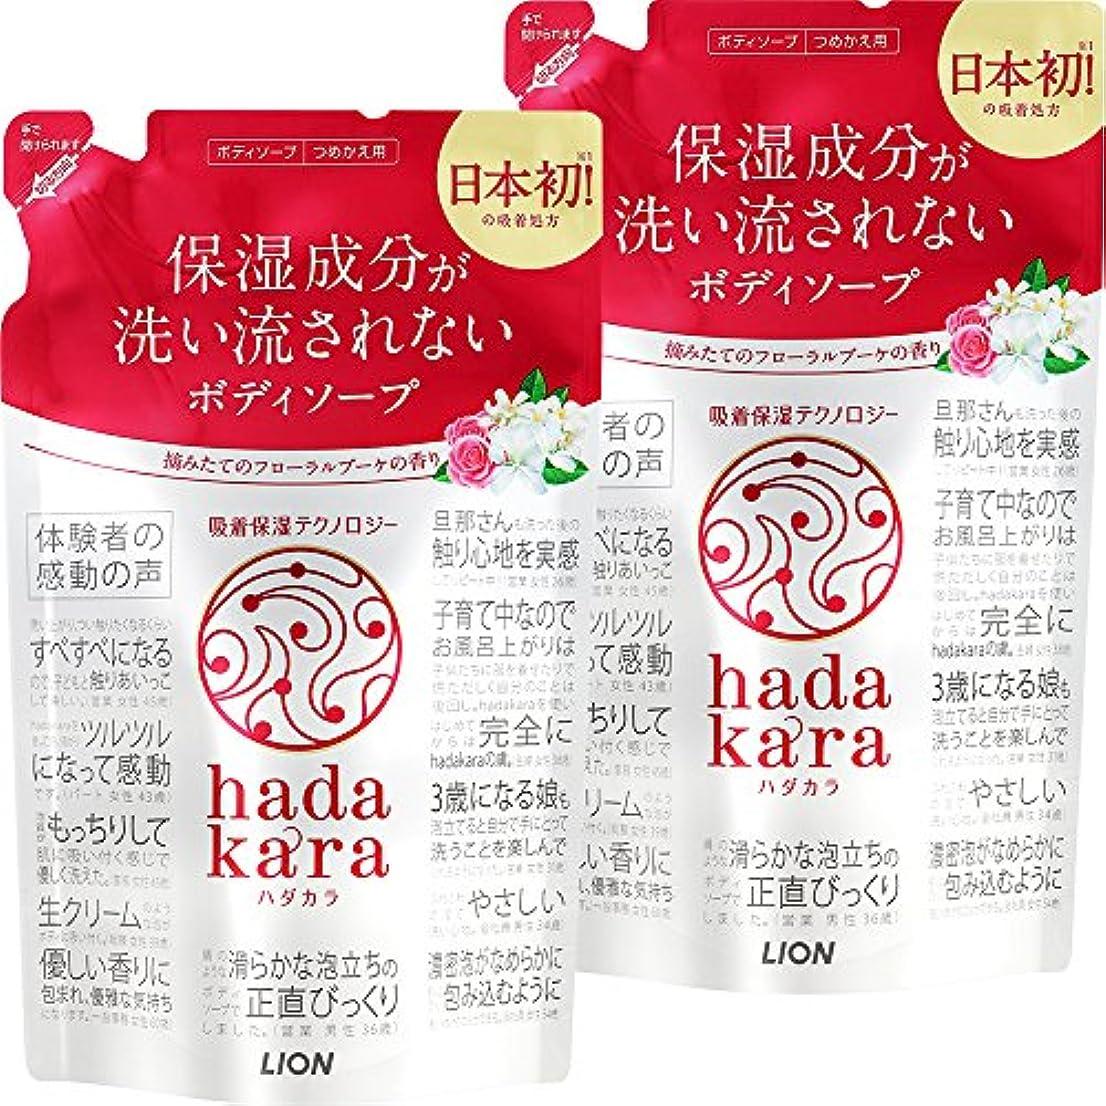 どうやらある極小【まとめ買い】hadakara(ハダカラ) ボディソープ フローラルブーケの香り 詰め替え 360ml×2個パック